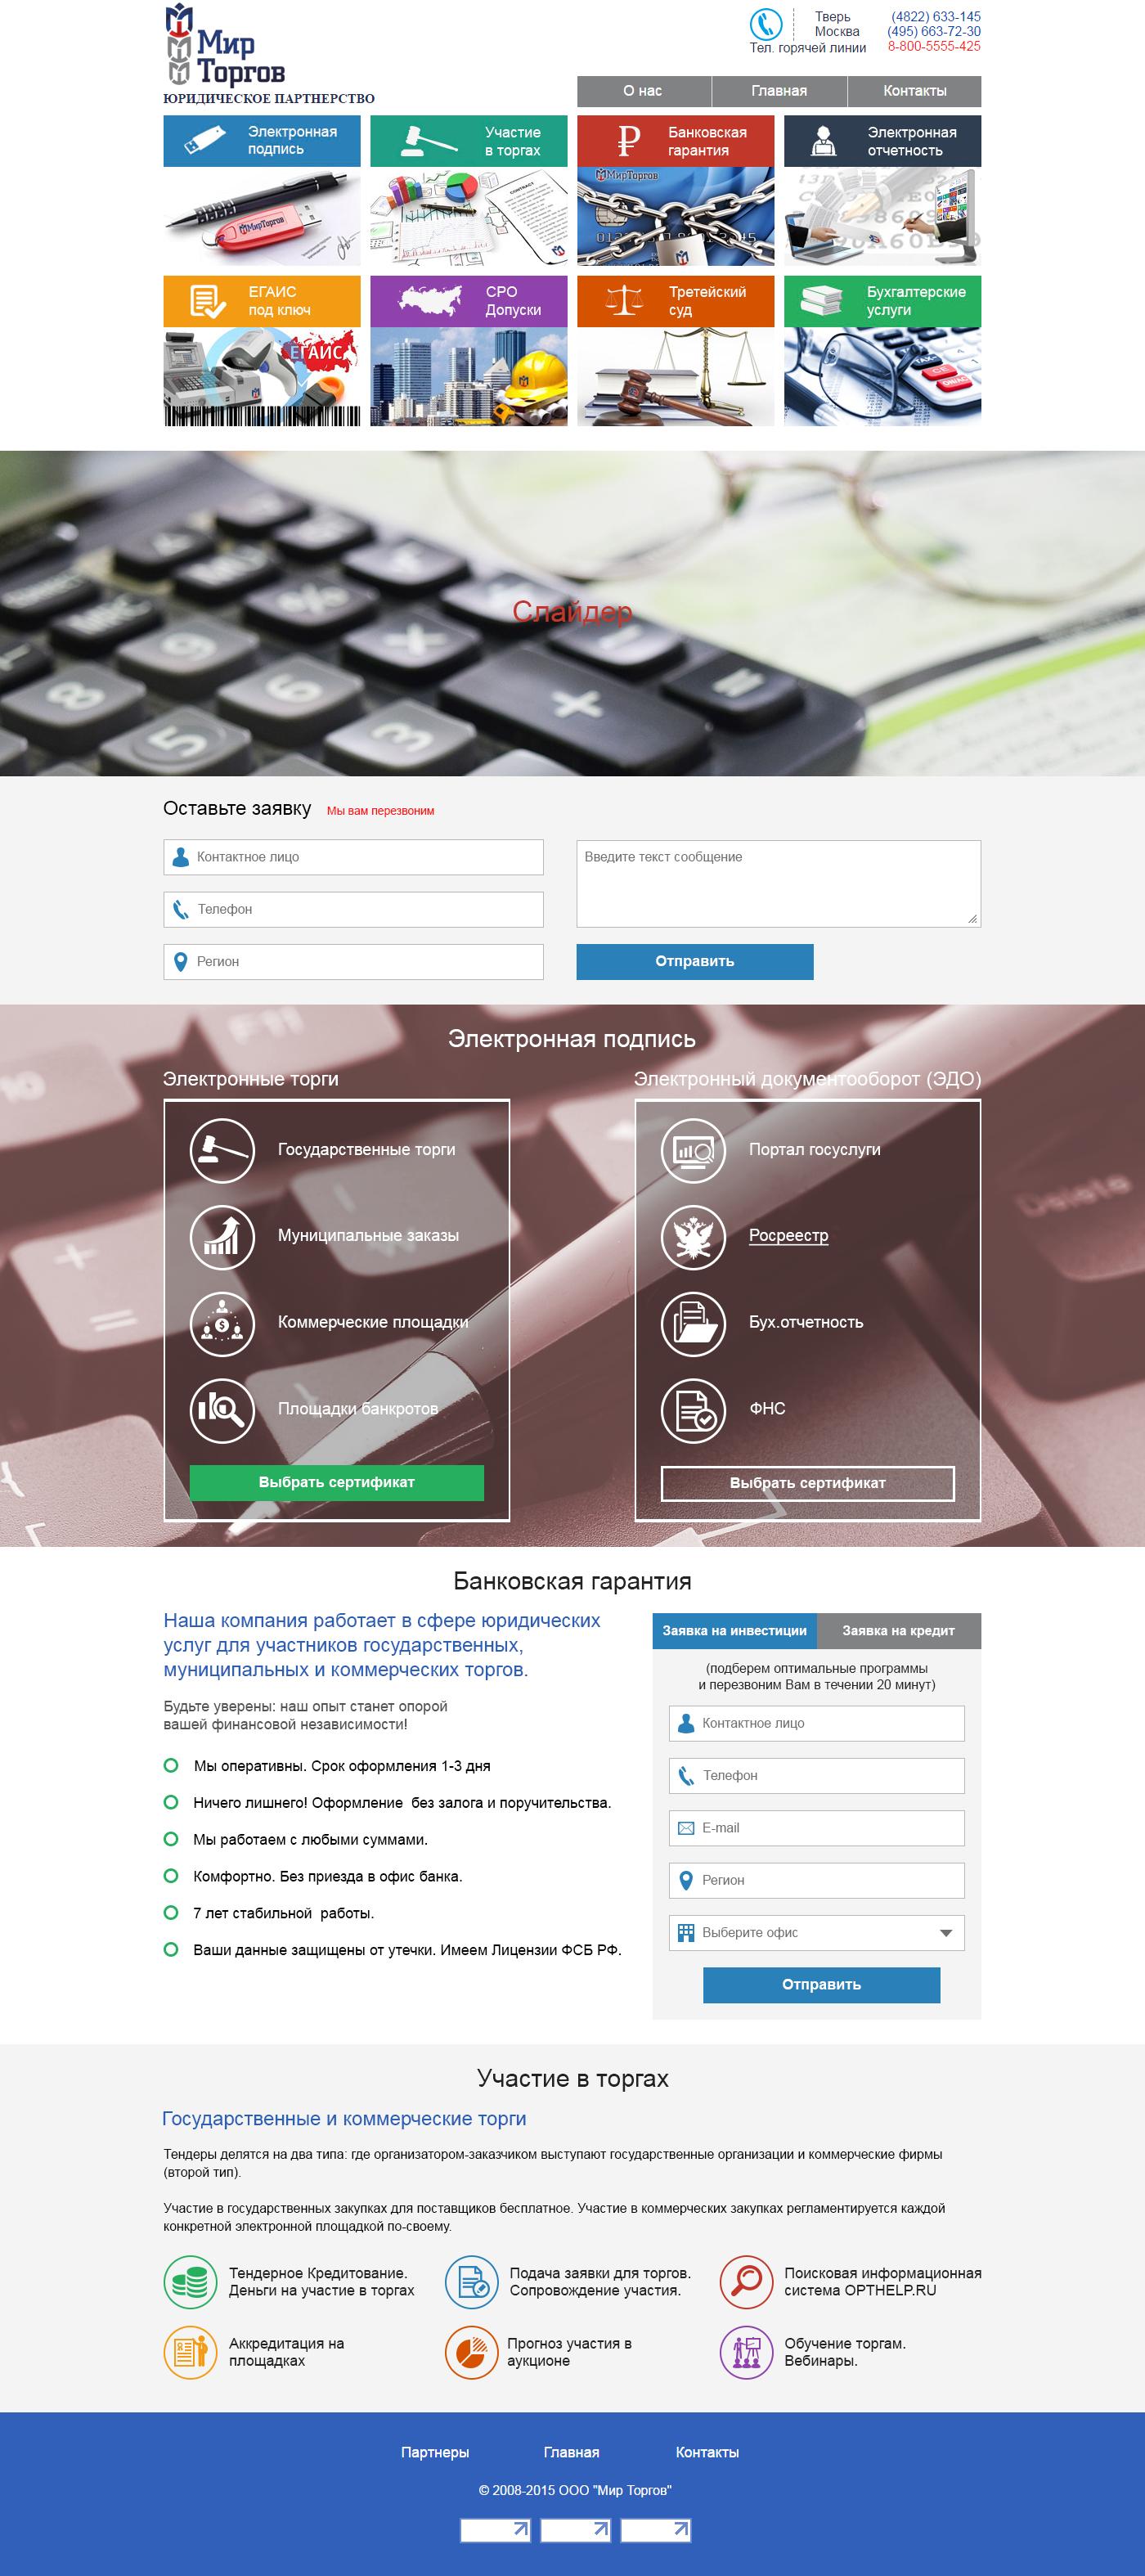 """Дизайн сайта в виде Landing Page """"Мир торгов"""". Юридическое партнерство"""